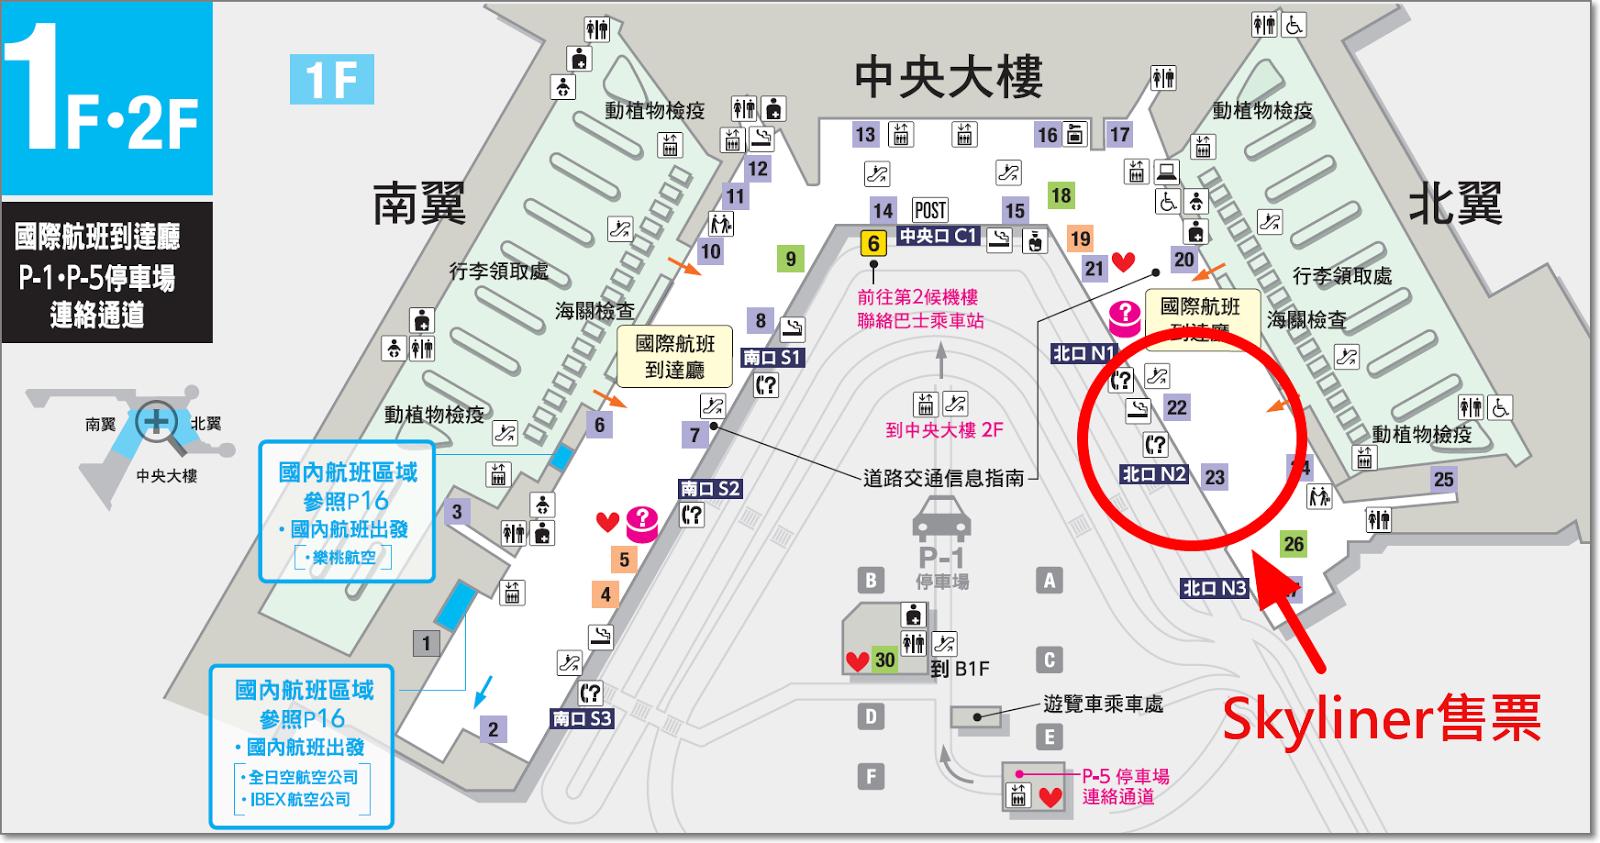 追求堅持: [遊記] 自助旅行 日本東京 交通 成田機場 新宿